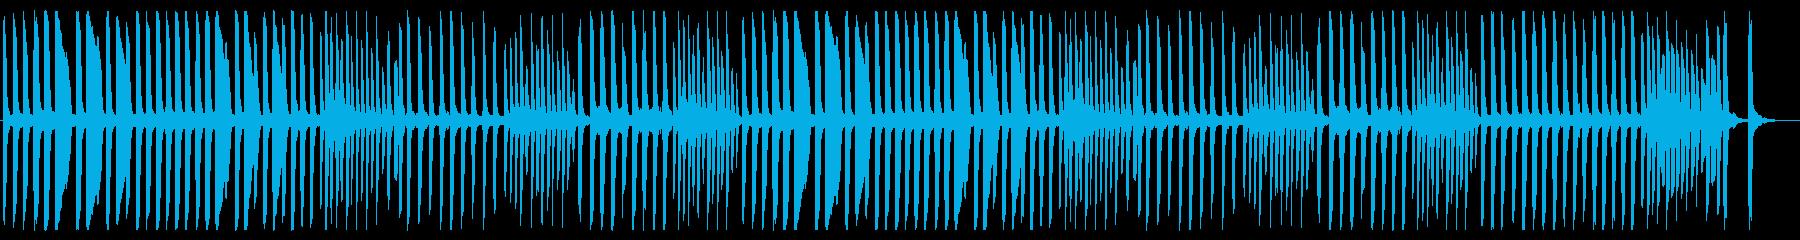 独特なリズムで弾むメロディーの再生済みの波形